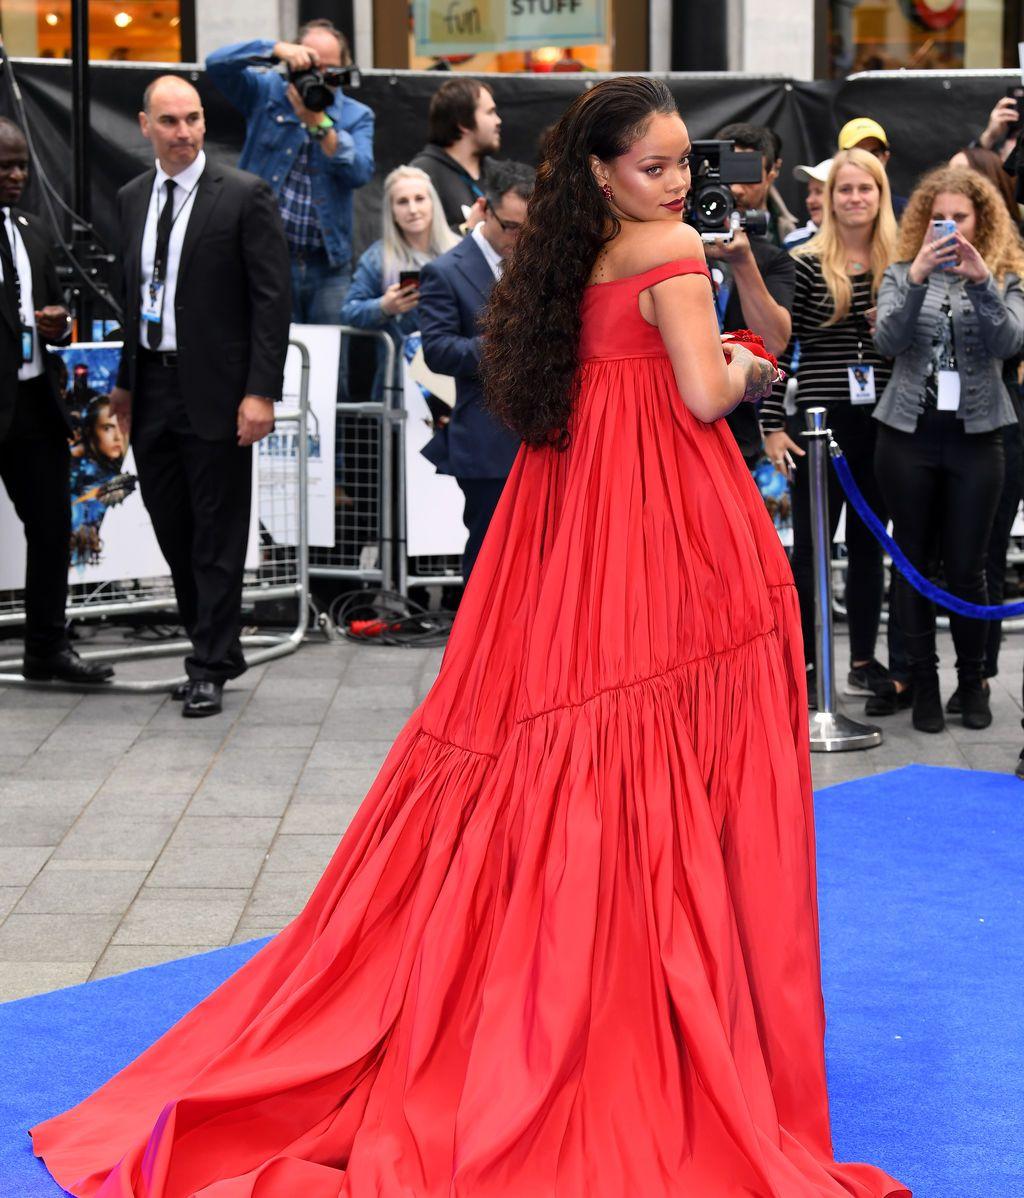 Principesco y 'push up': el vestido rojo de Rihanna paraliza un estreno en Londres